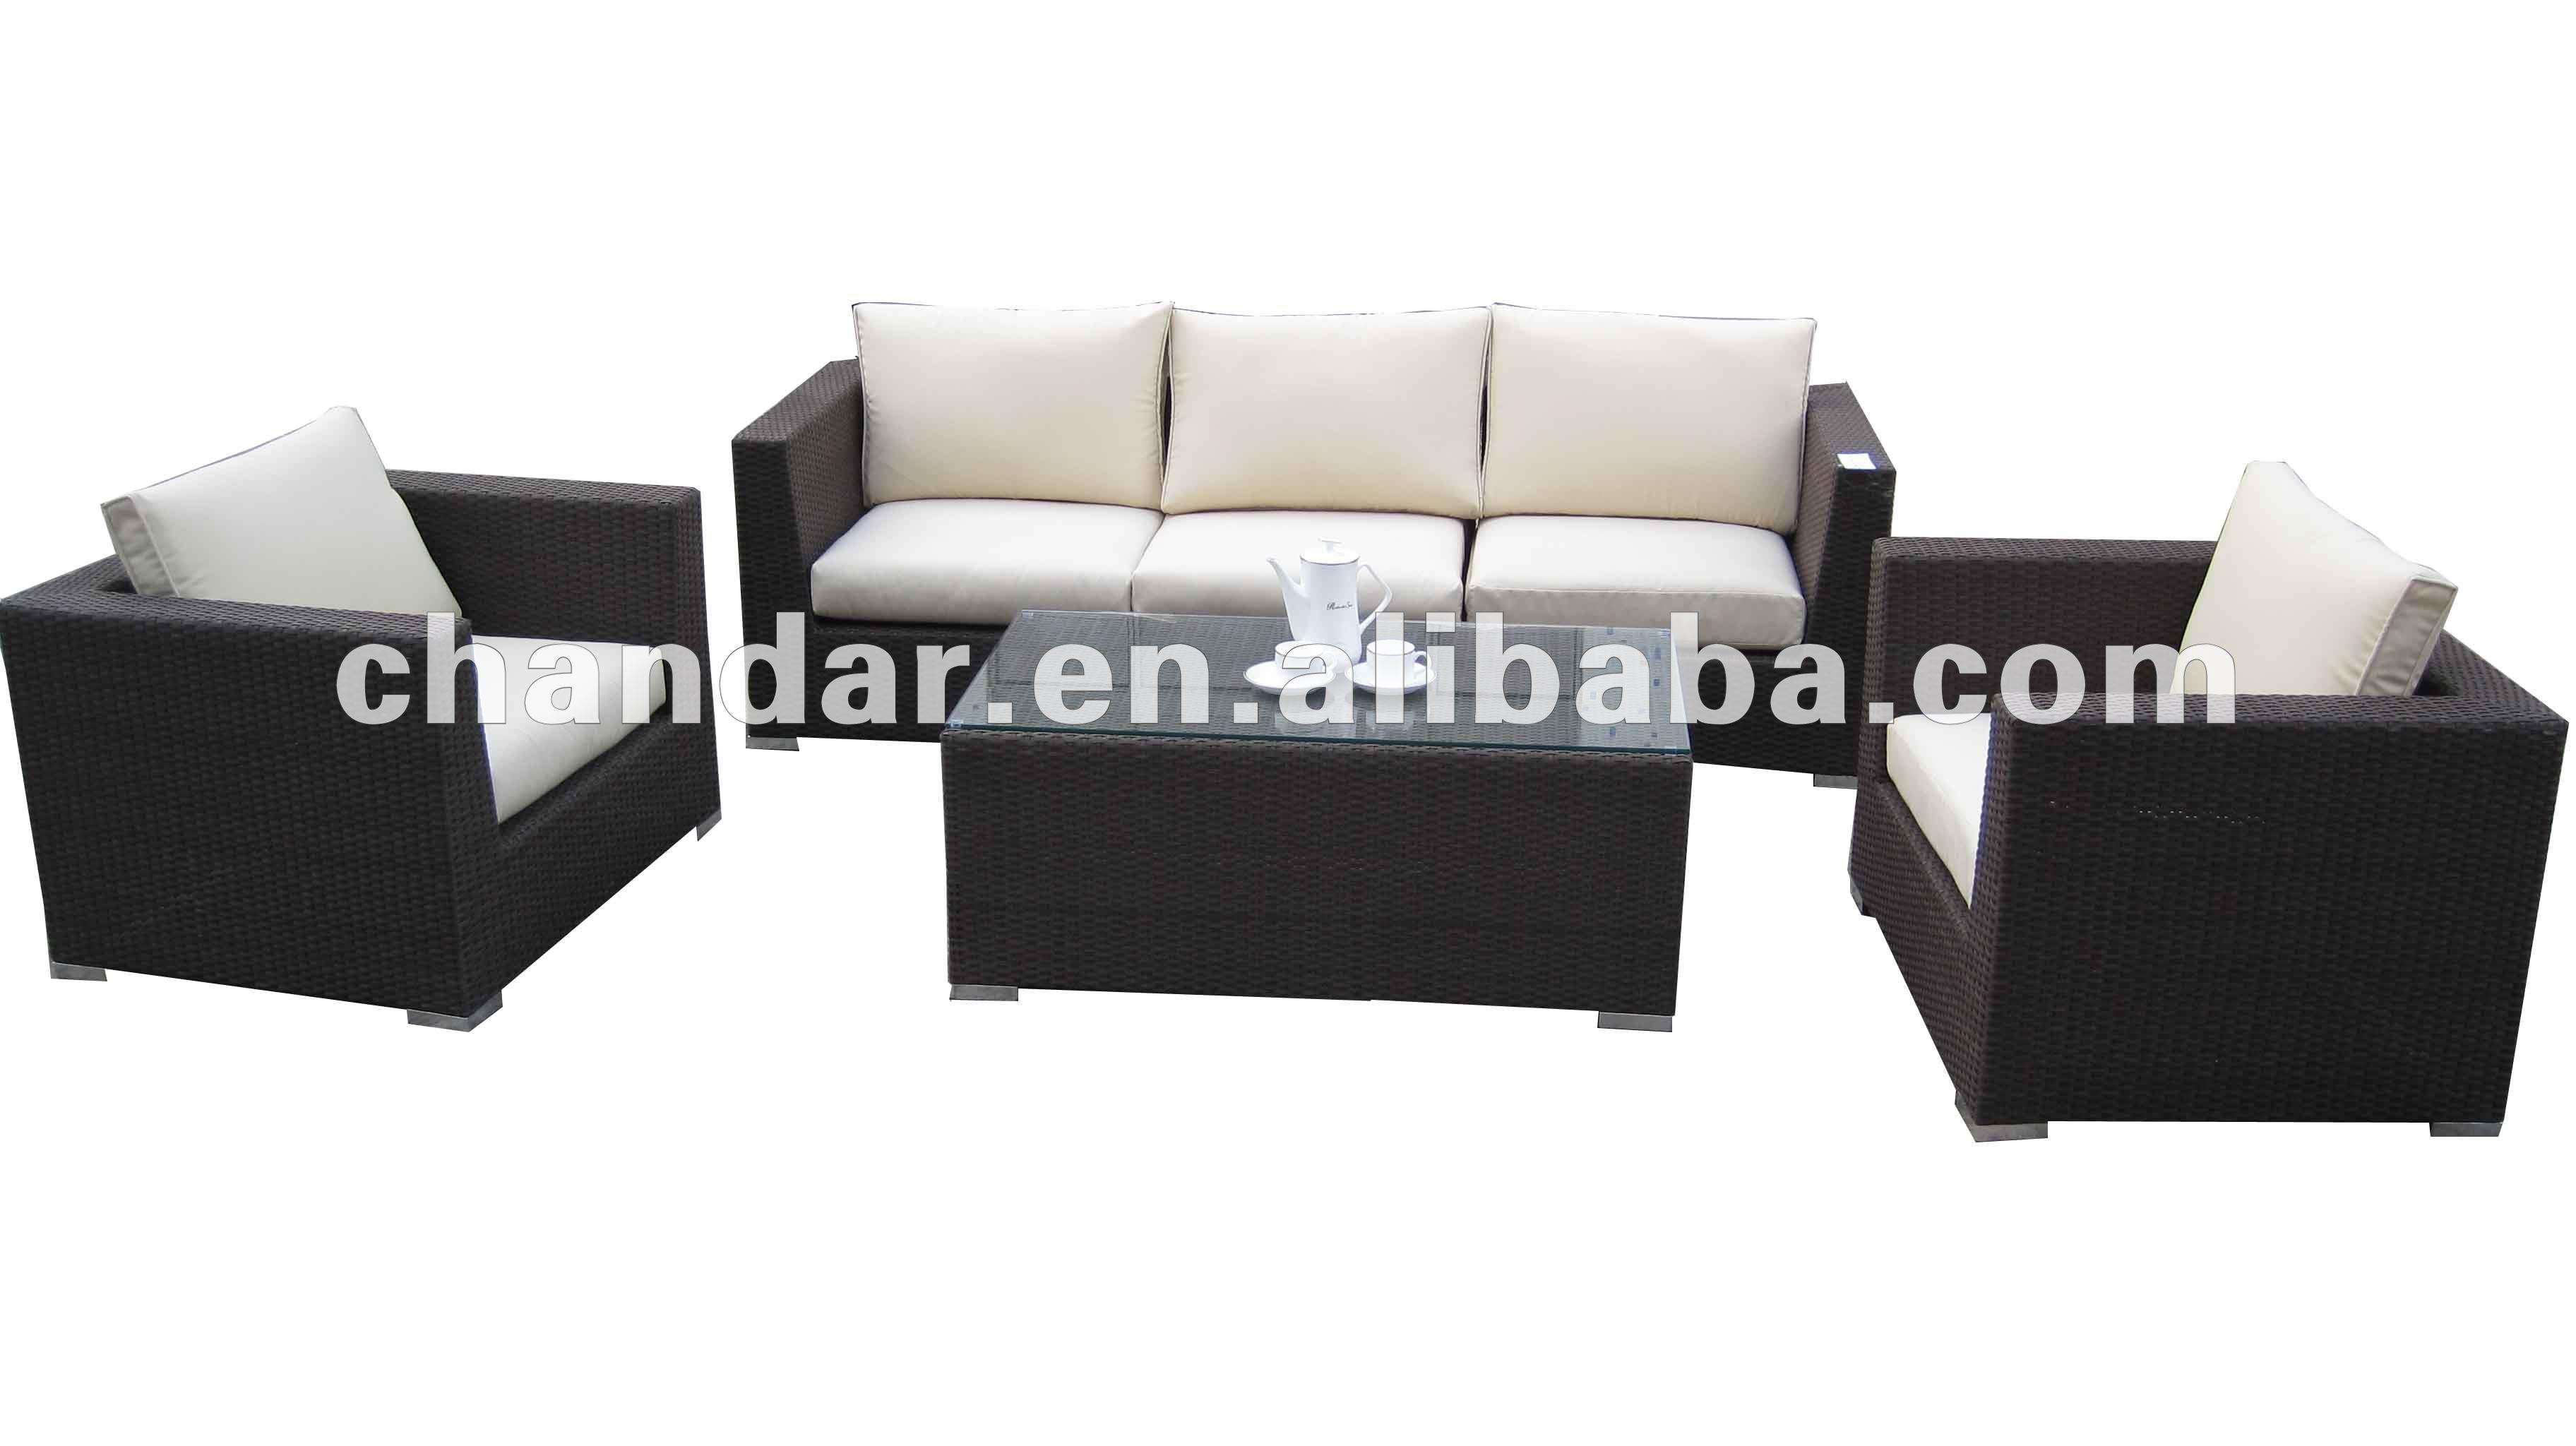 Amazing divani per esterno rattan sintetico rattan divano for Divani per esterno offerte